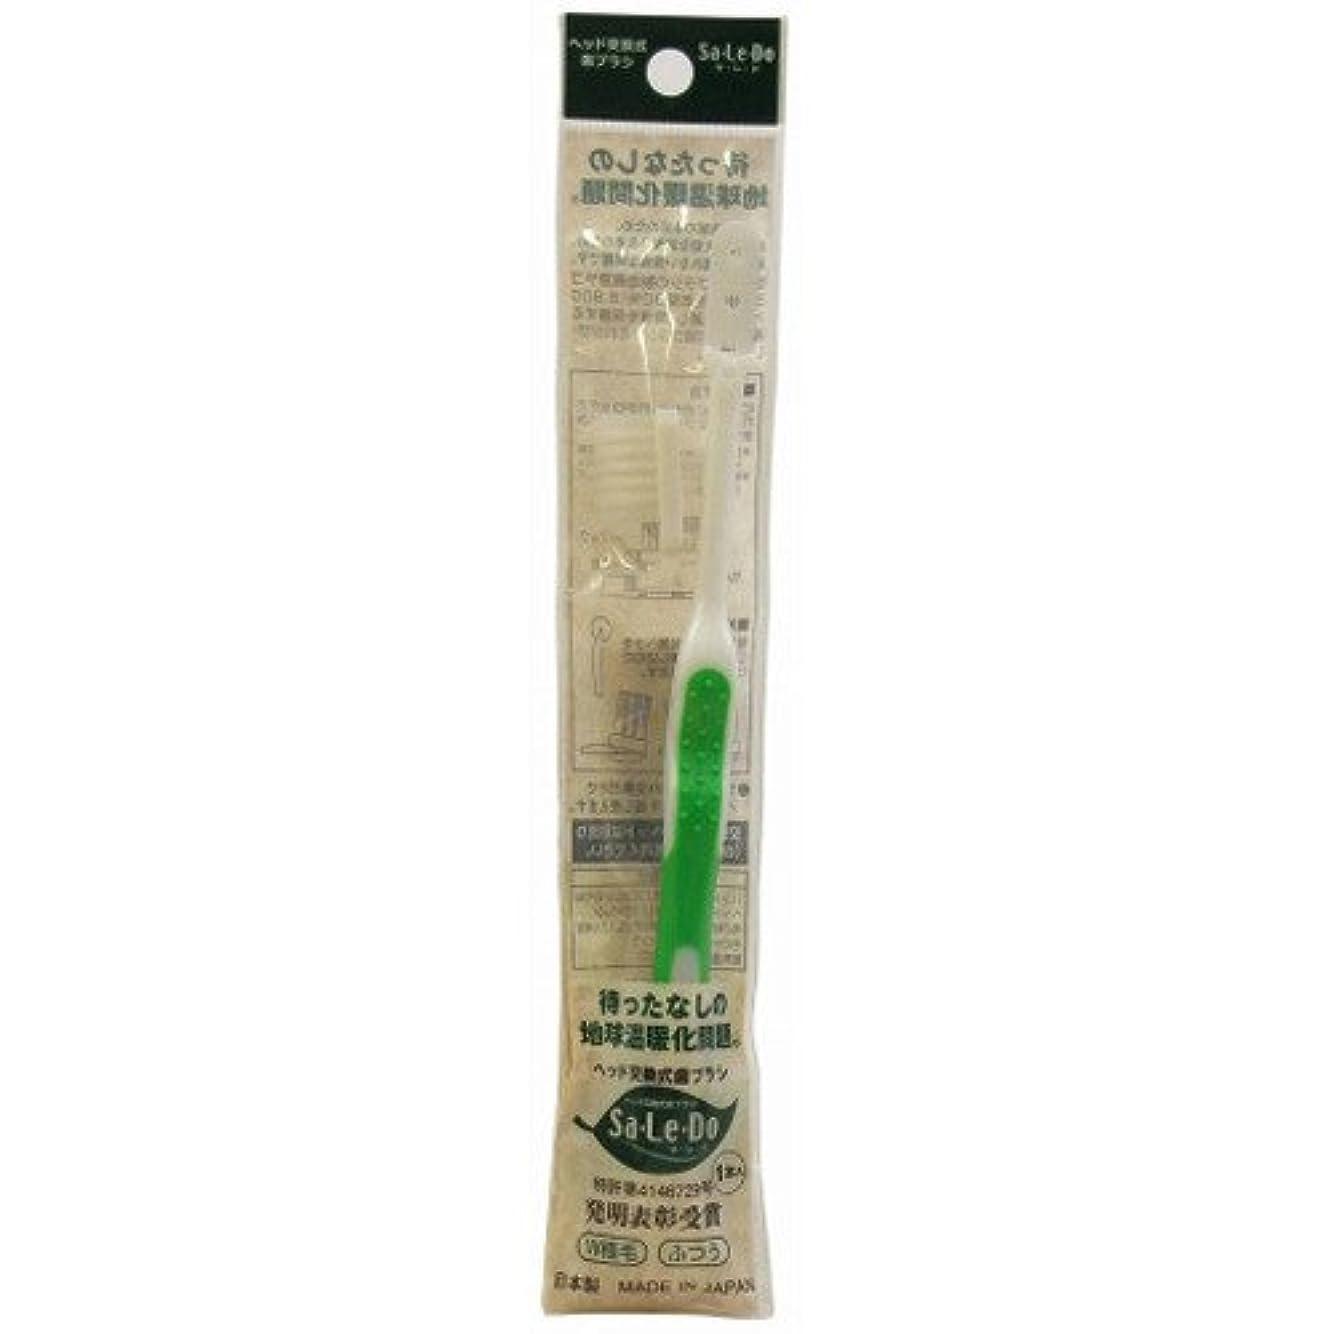 ボリューム作成者高揚したサレド ヘッド交換式歯ブラシ お試しセット レギュラーヘッド グリーン